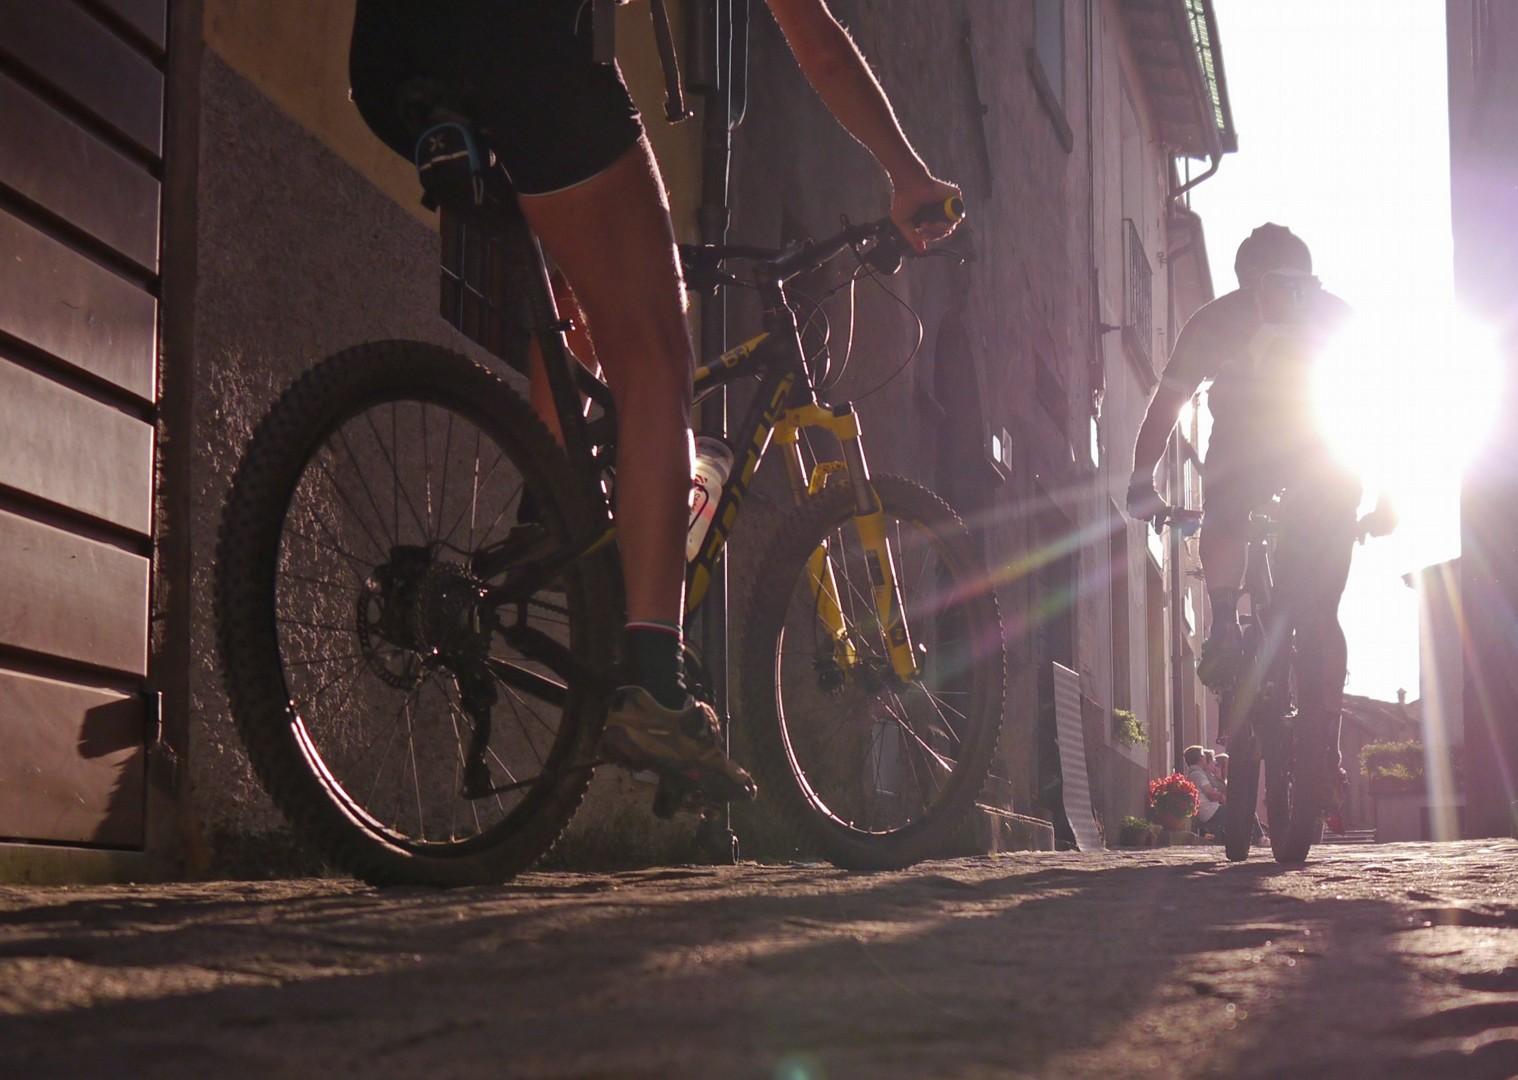 mountain-biking-holiday-italy-tuscany-francegina-town.jpg - Italy - Via Francigena (Tuscany to Rome) - Mountain Biking